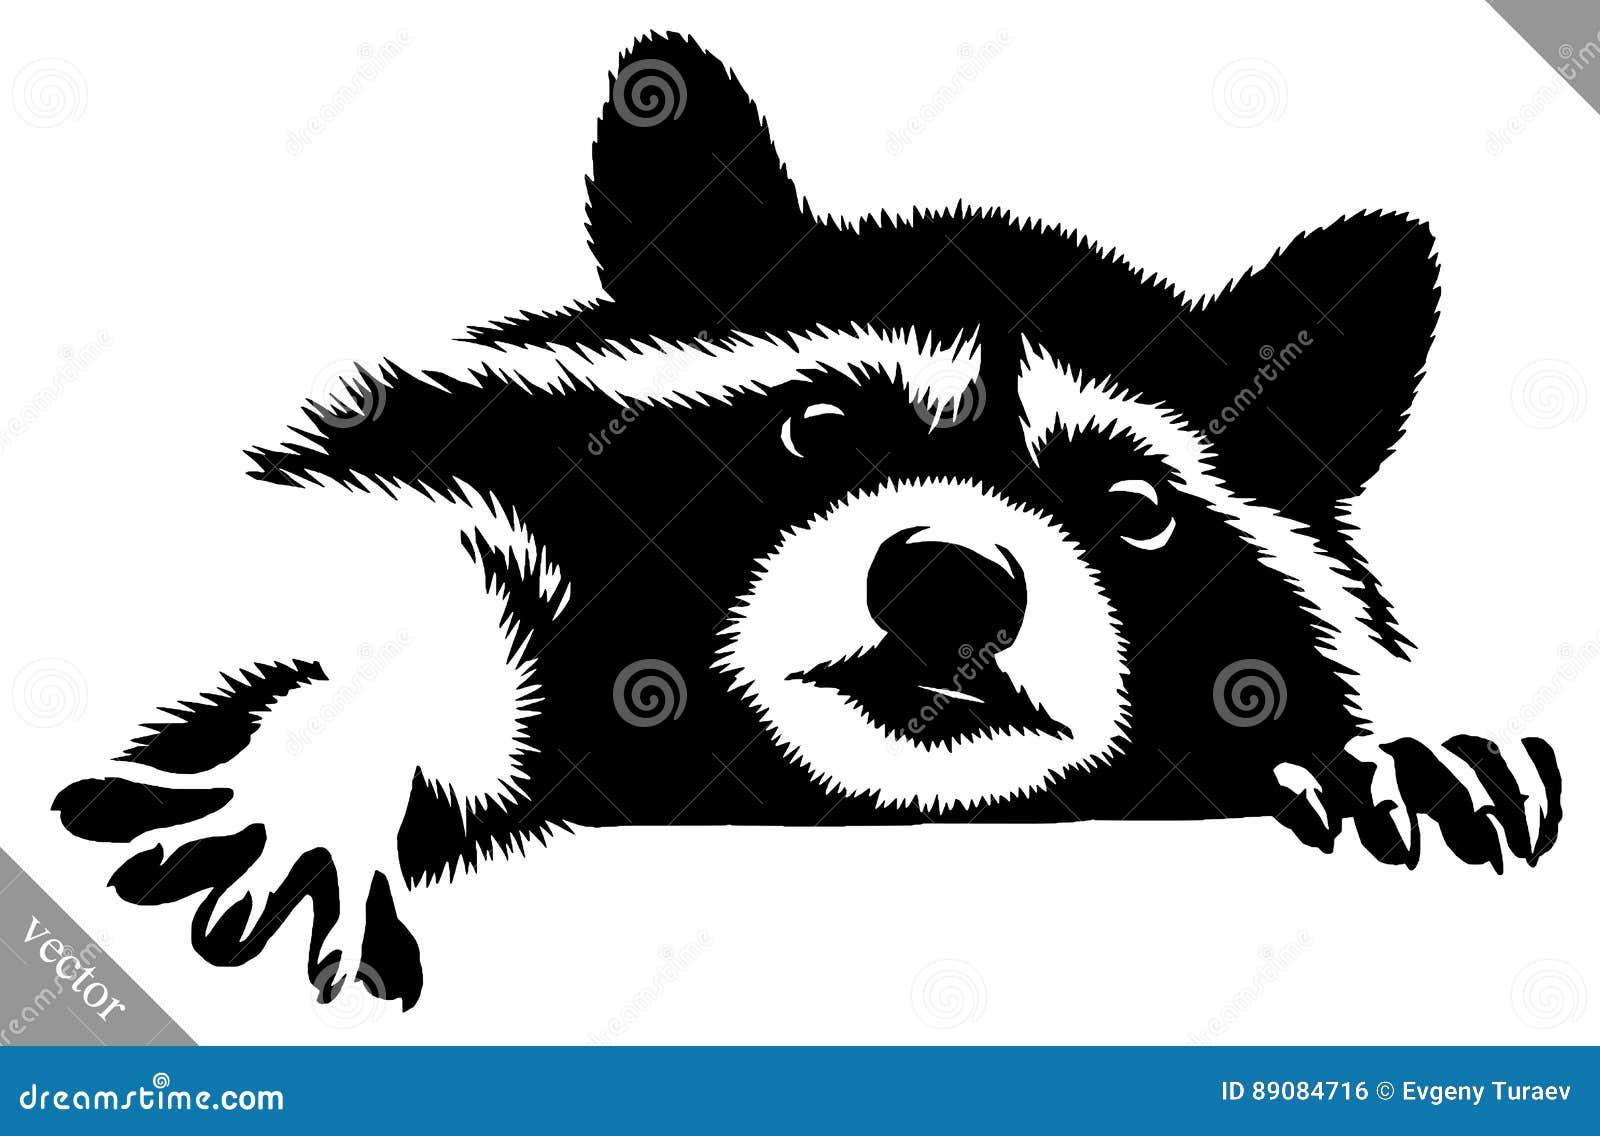 Drenaje Ilustraciones Stock, Vectores, Y Clipart (305,078